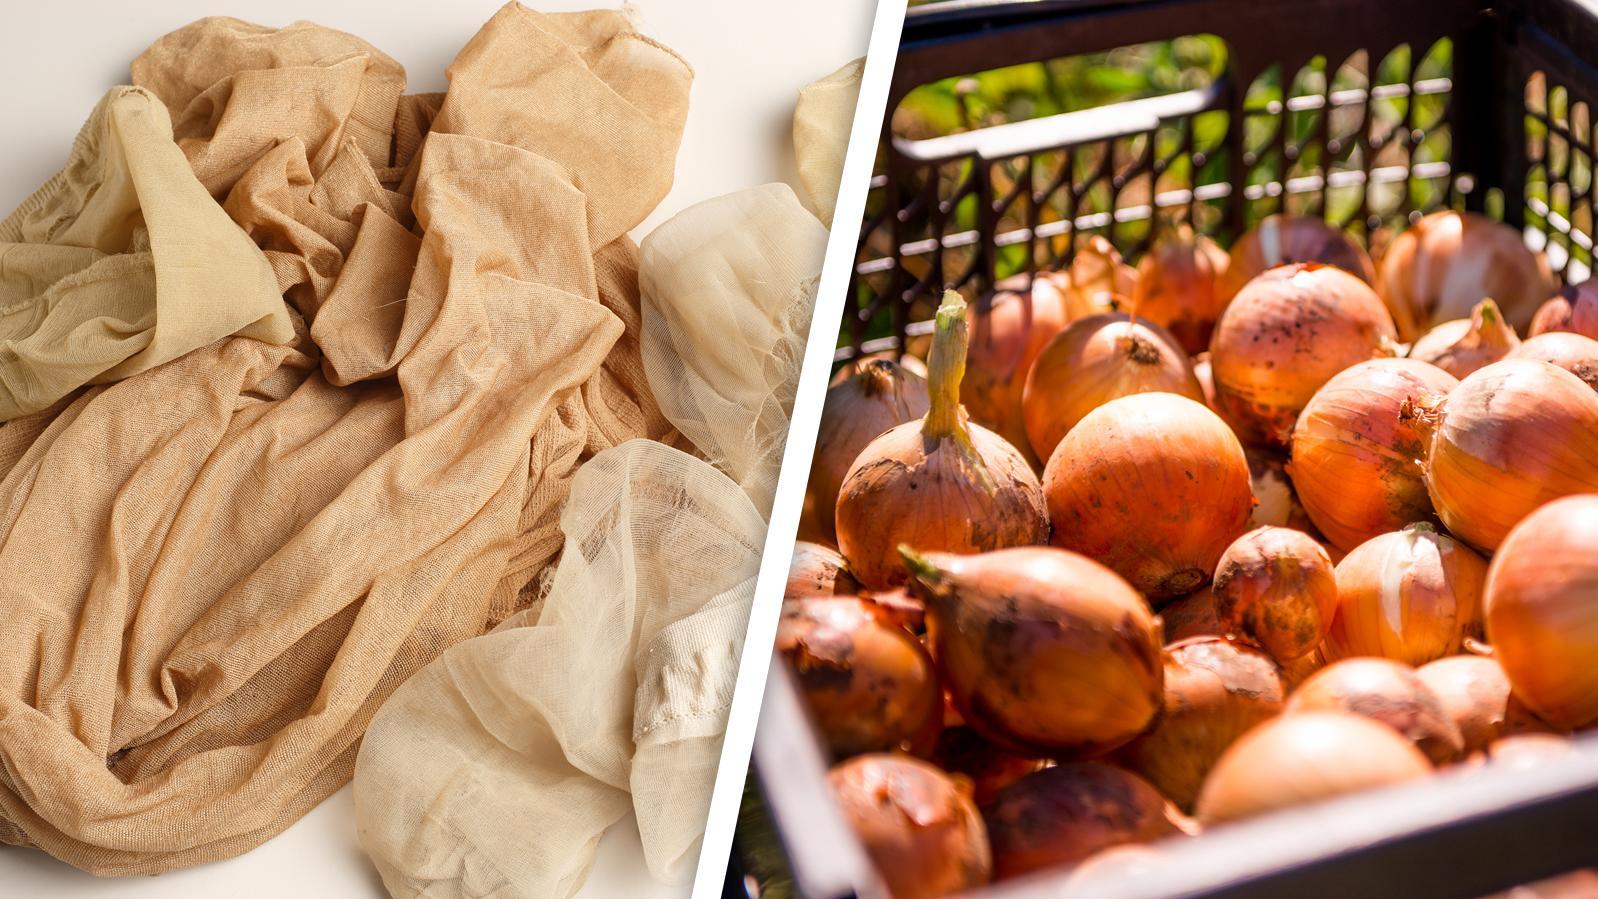 Wie können Strumpfhosen wohl dabei helfen, Zwiebeln frisch zu halten?